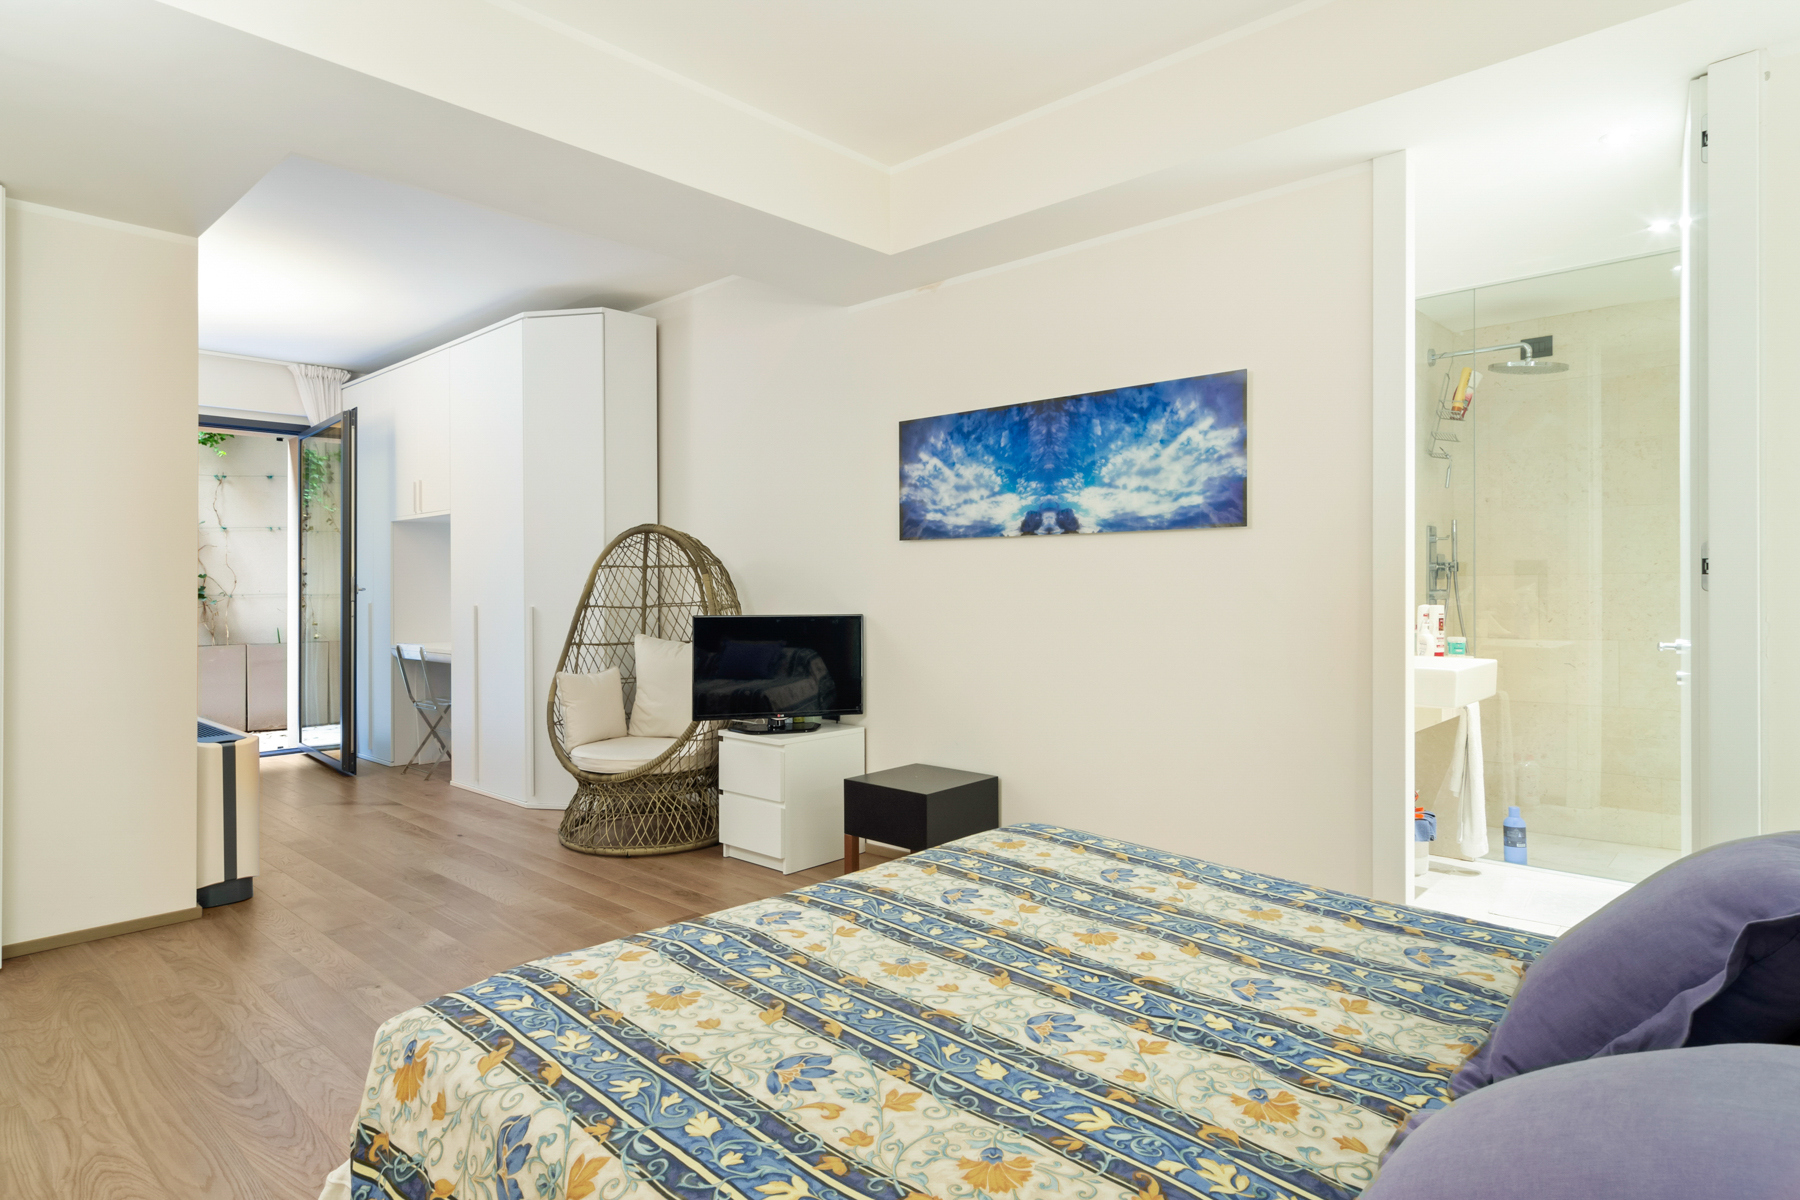 Appartamento in Vendita a Santa Margherita Ligure: 4 locali, 124 mq - Foto 12